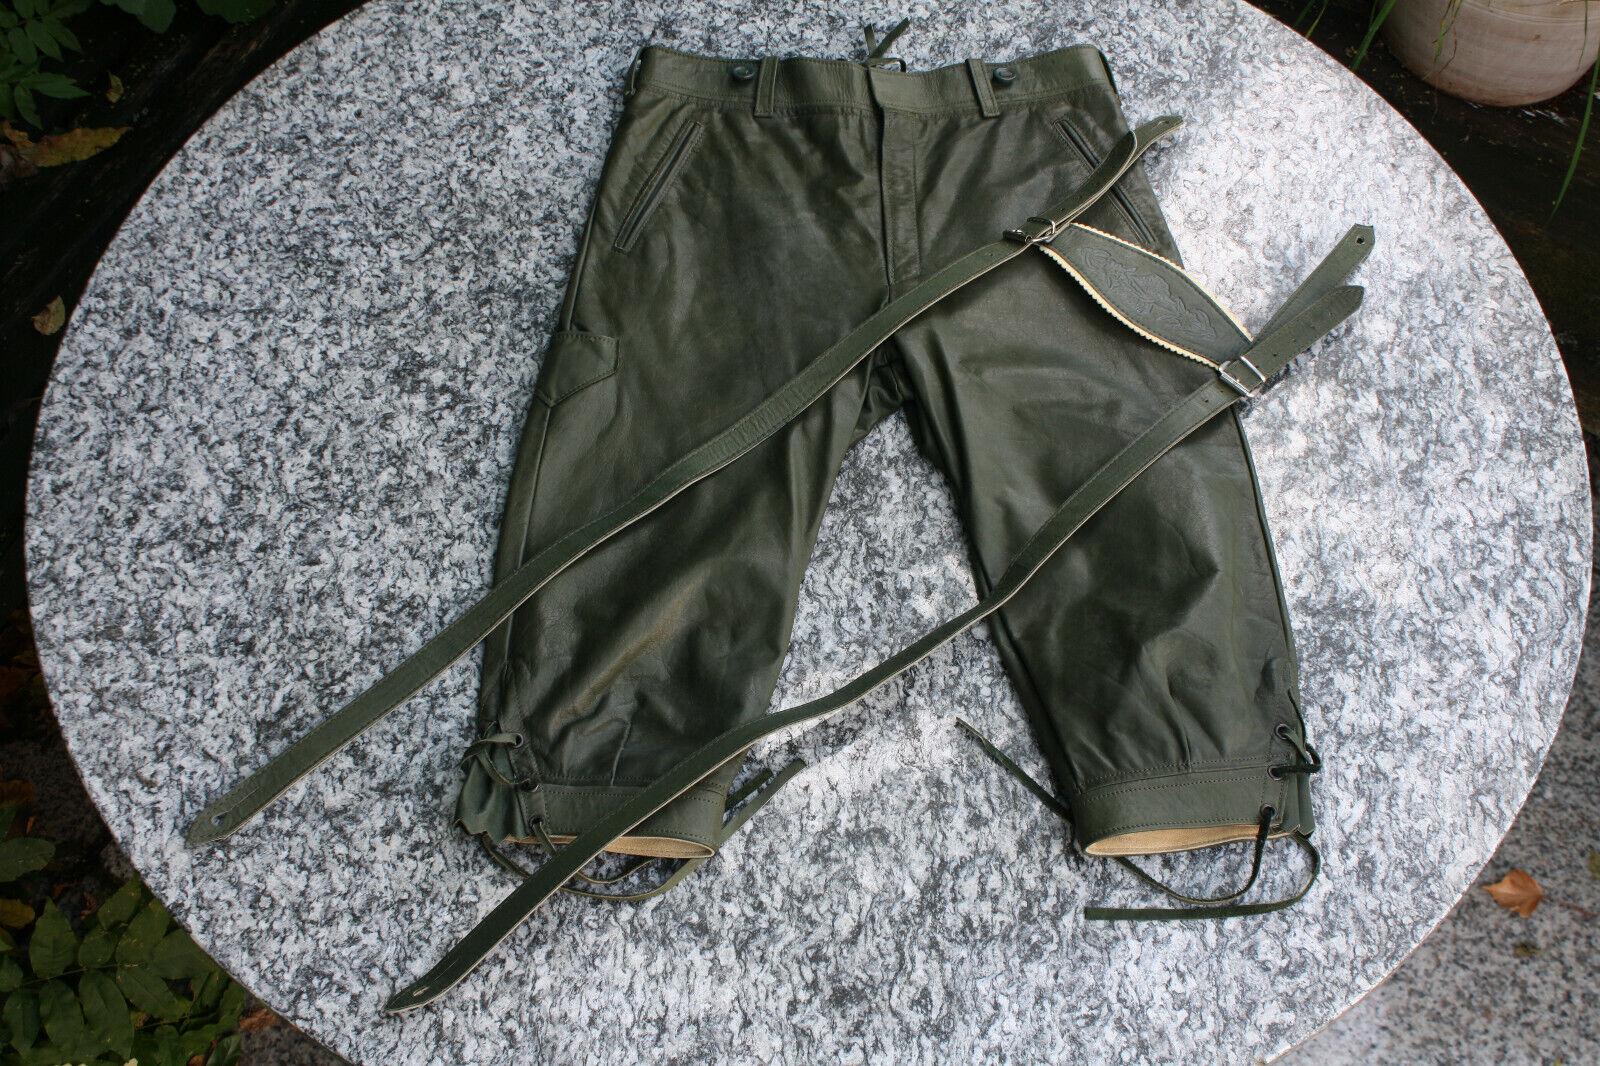 Frauen Kniebund Rindkalb-Lederhose D 40 grün, wenig getragen, schön & leicht !